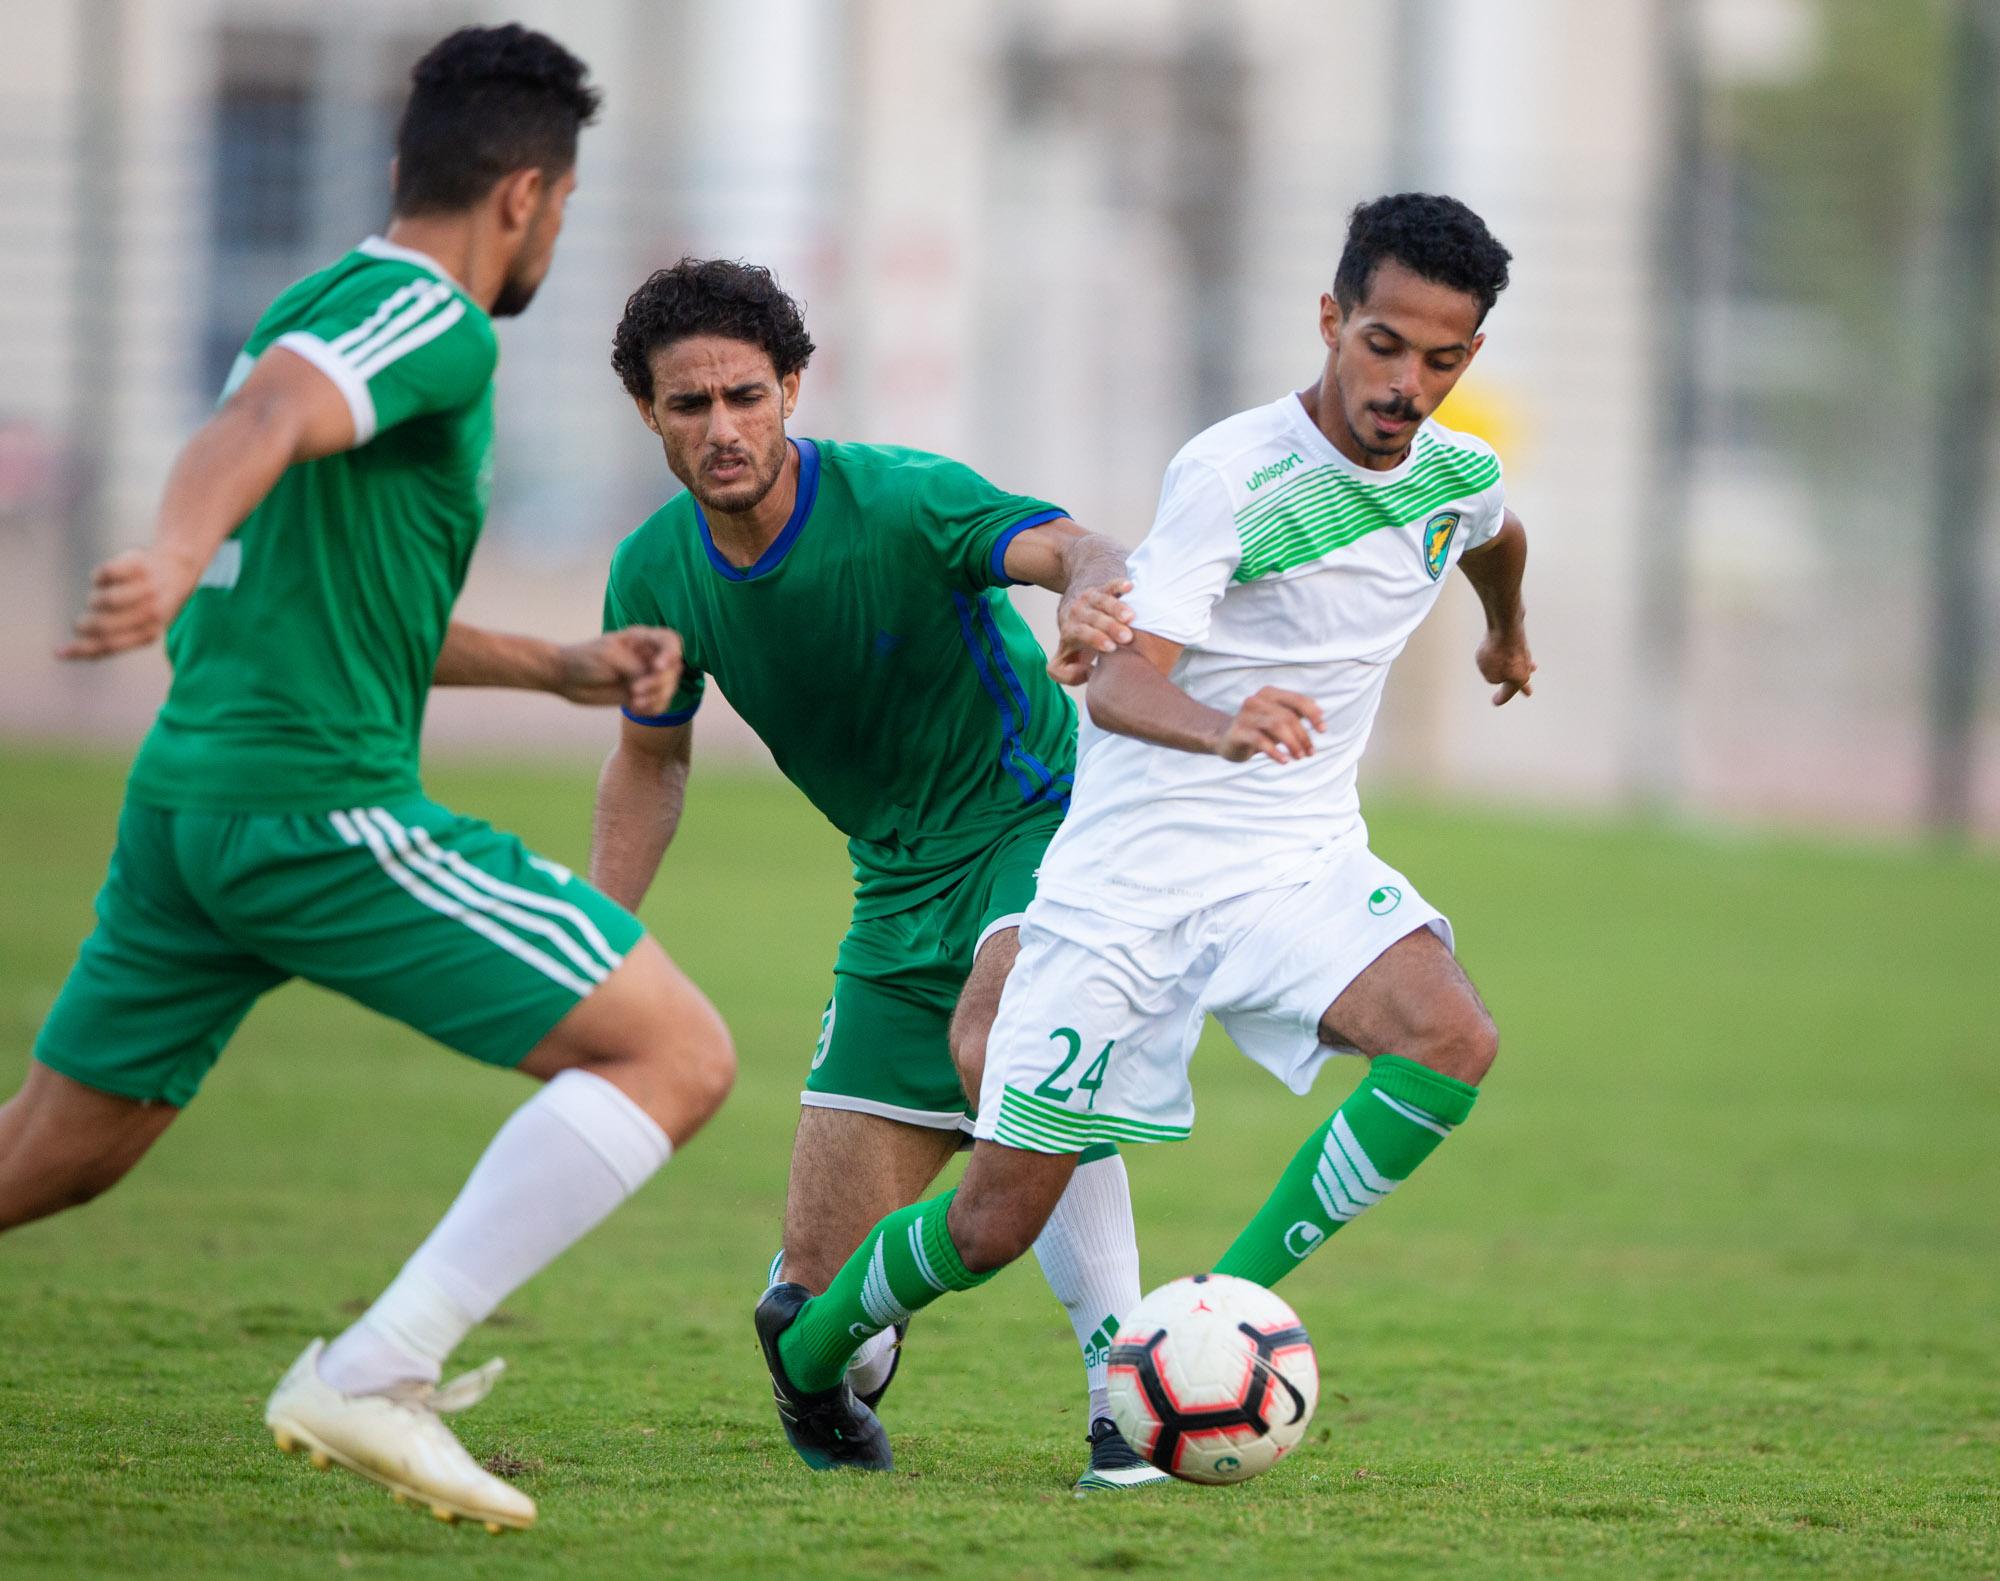 الخليج يتعادل بدون أهداف مع  فريق الشهداء المصري في معسكر #نادي_الخليج_بالاسماعيلية